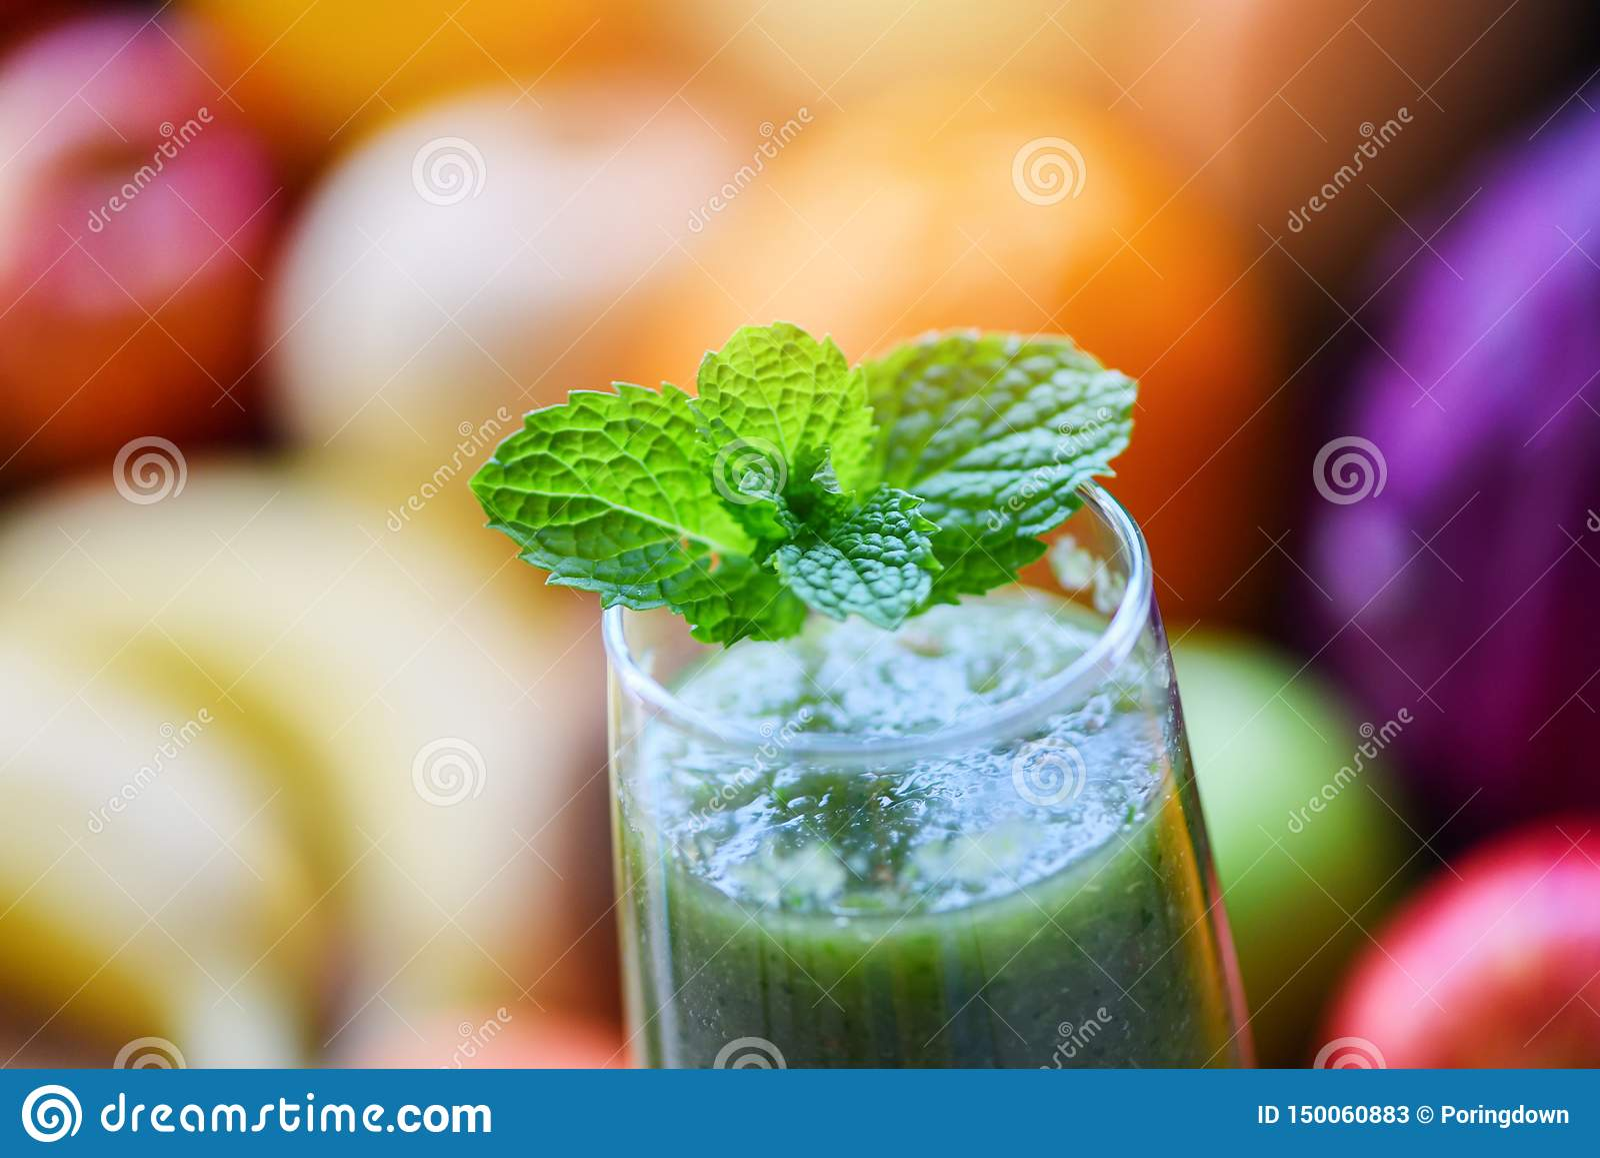 Tè della menta piperita - foglia verde della menta sul fondo fresco del frullato del succo di verdura e della frutta di estate